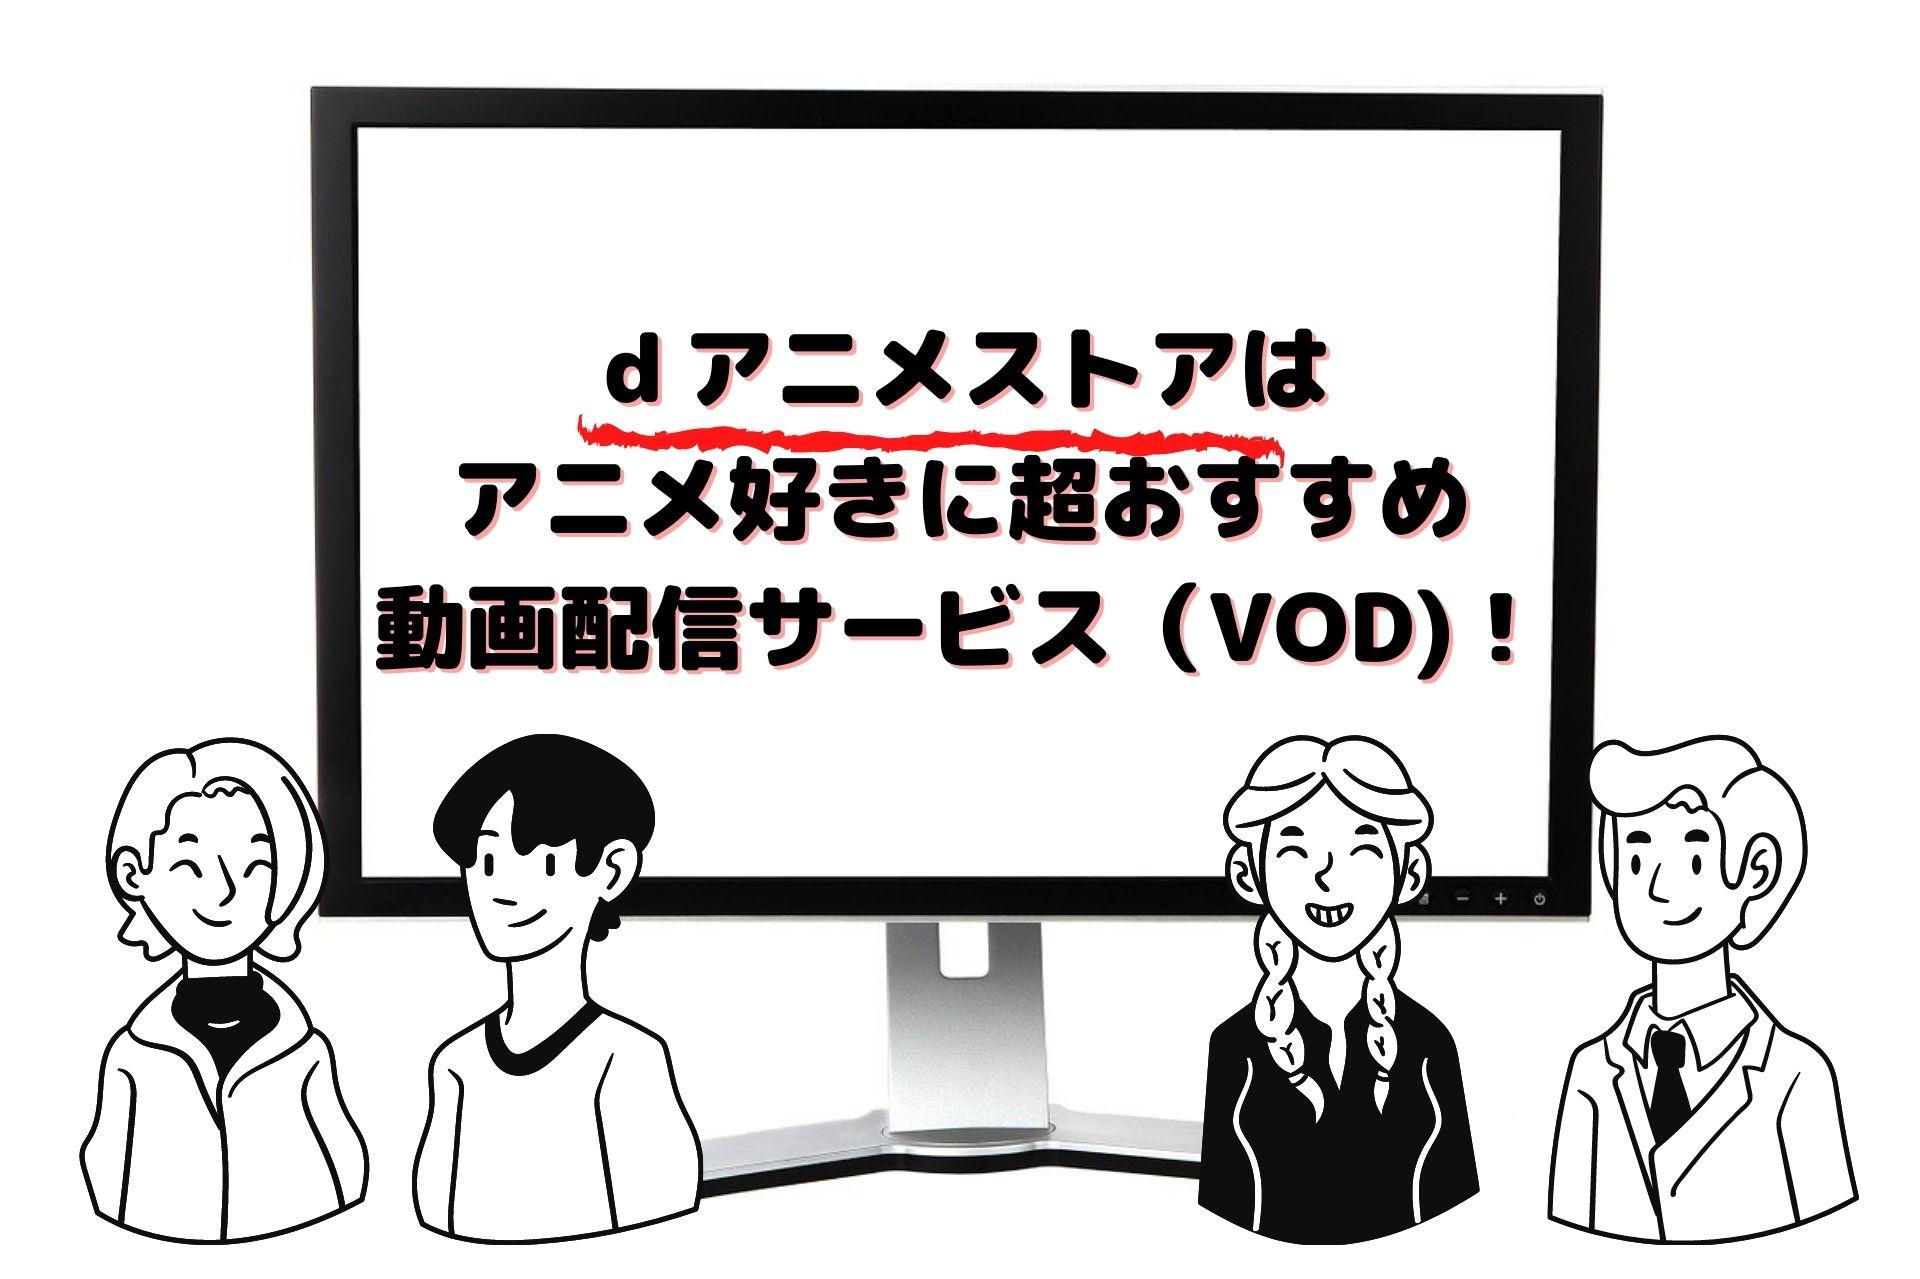 dアニメストア アニメ好き おすすめ 動画配信サービスVOD